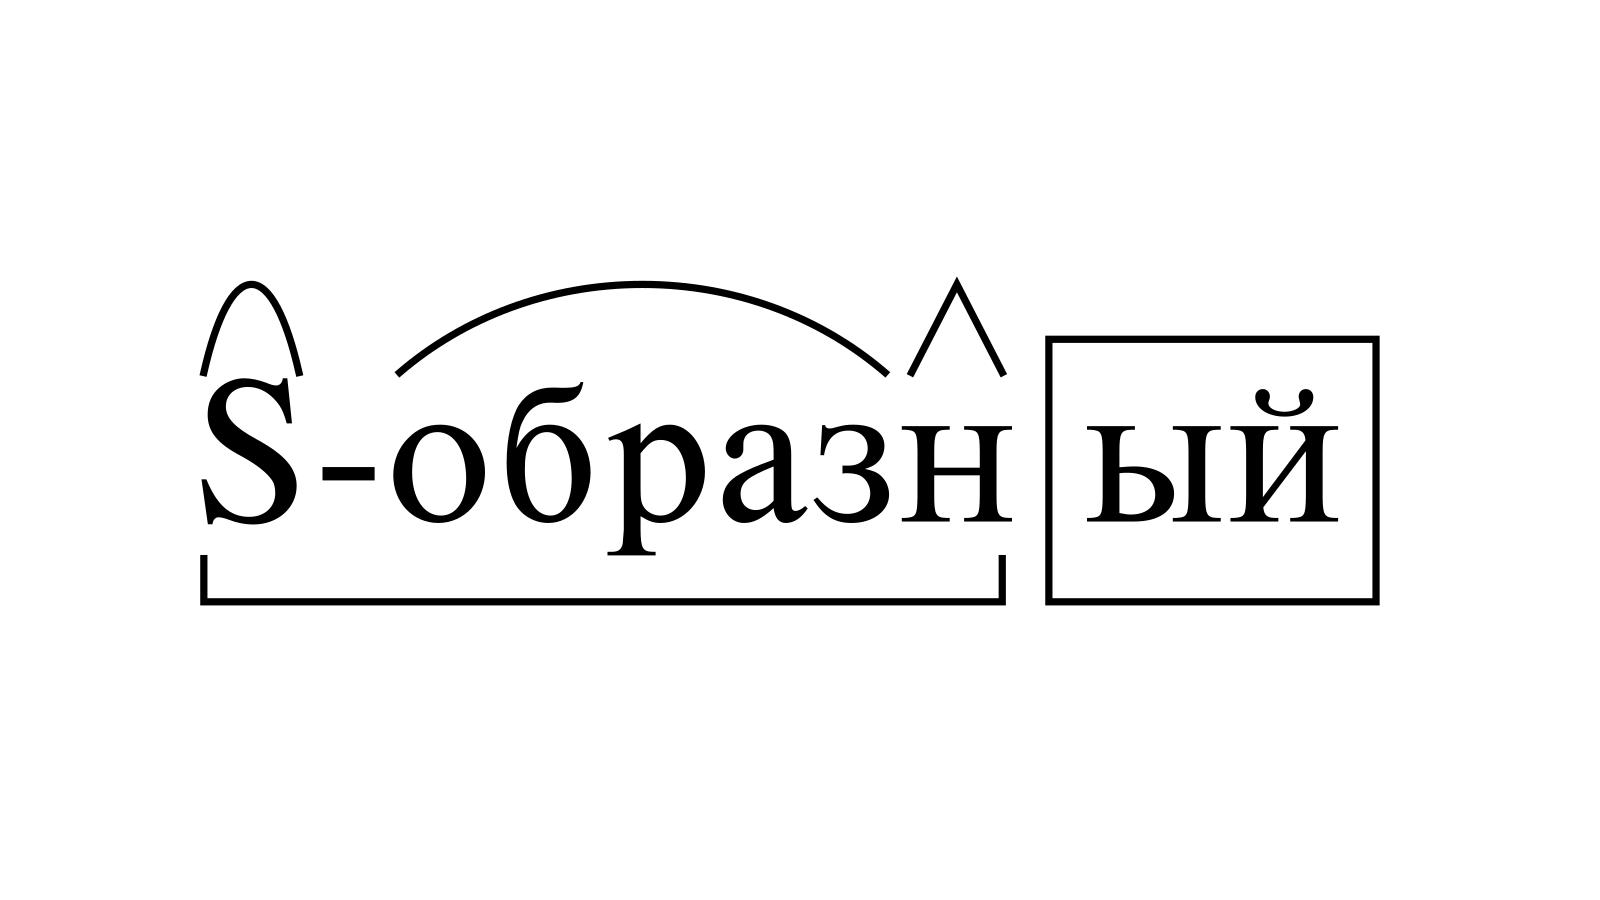 Разбор слова «S-образный» по составу